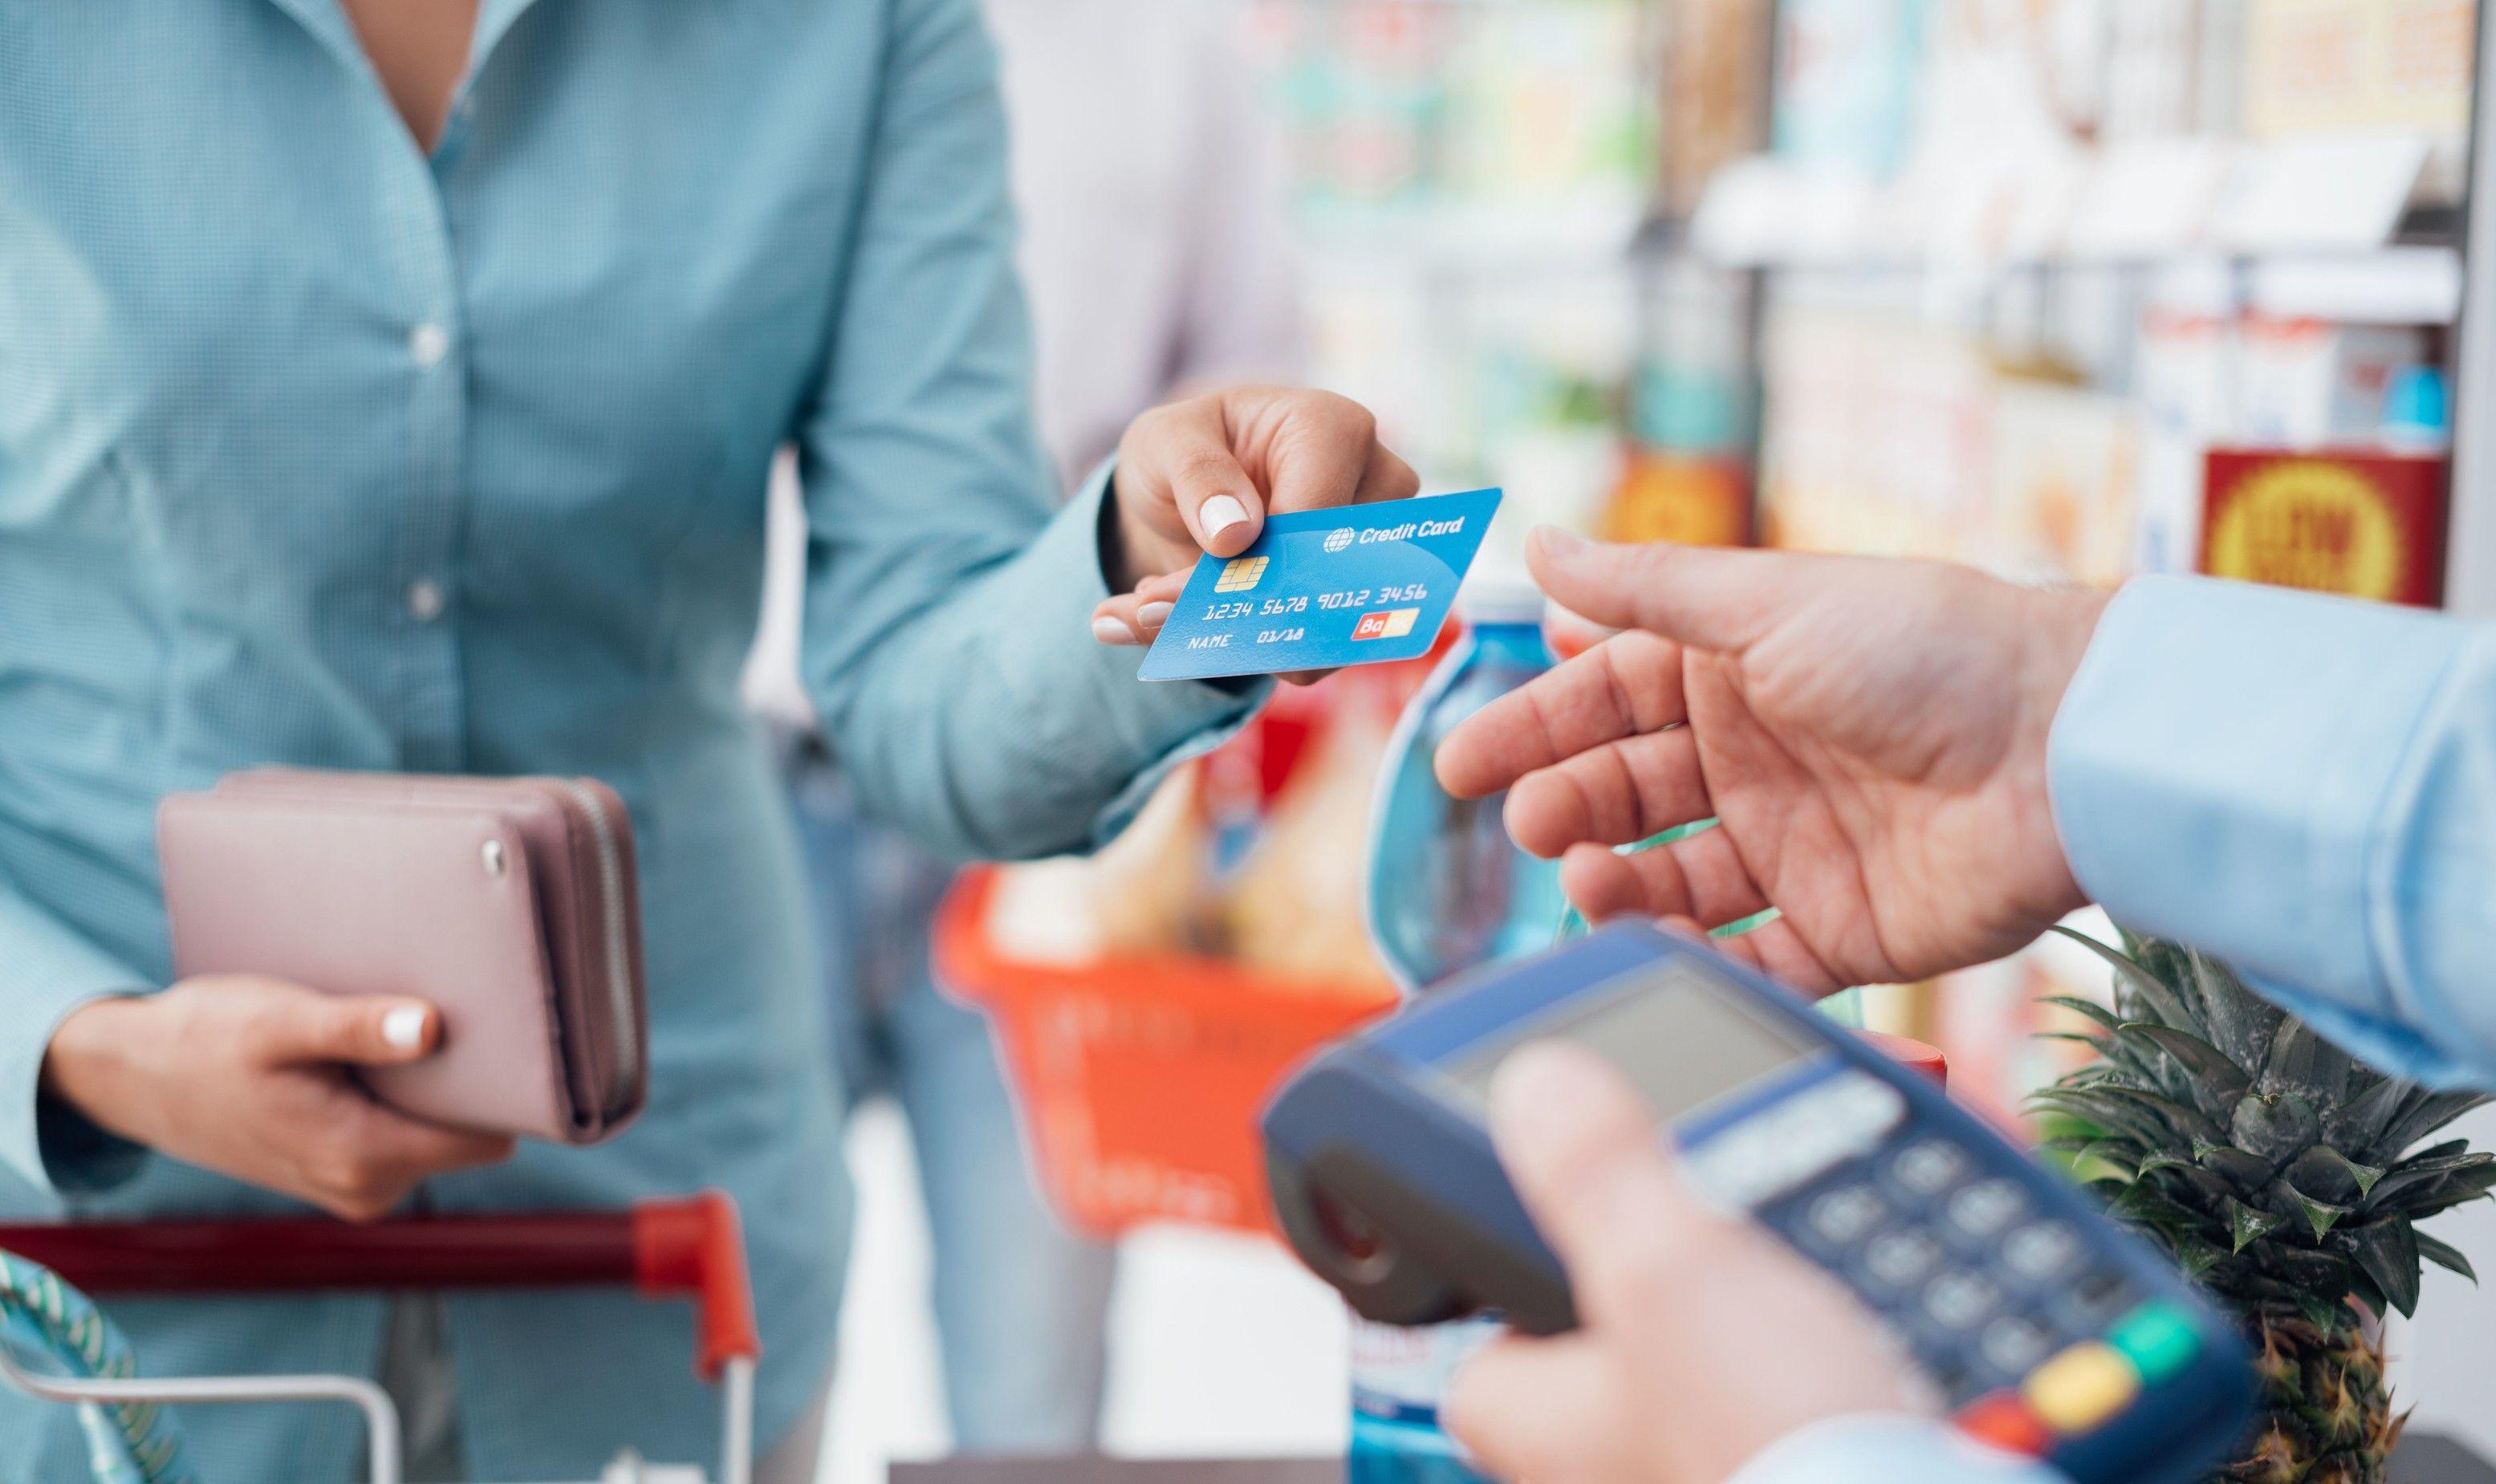 玩咖專欄_2021 出差旅遊信用卡優惠攻略:教你賺到紅利、哩程、保險等優惠集合